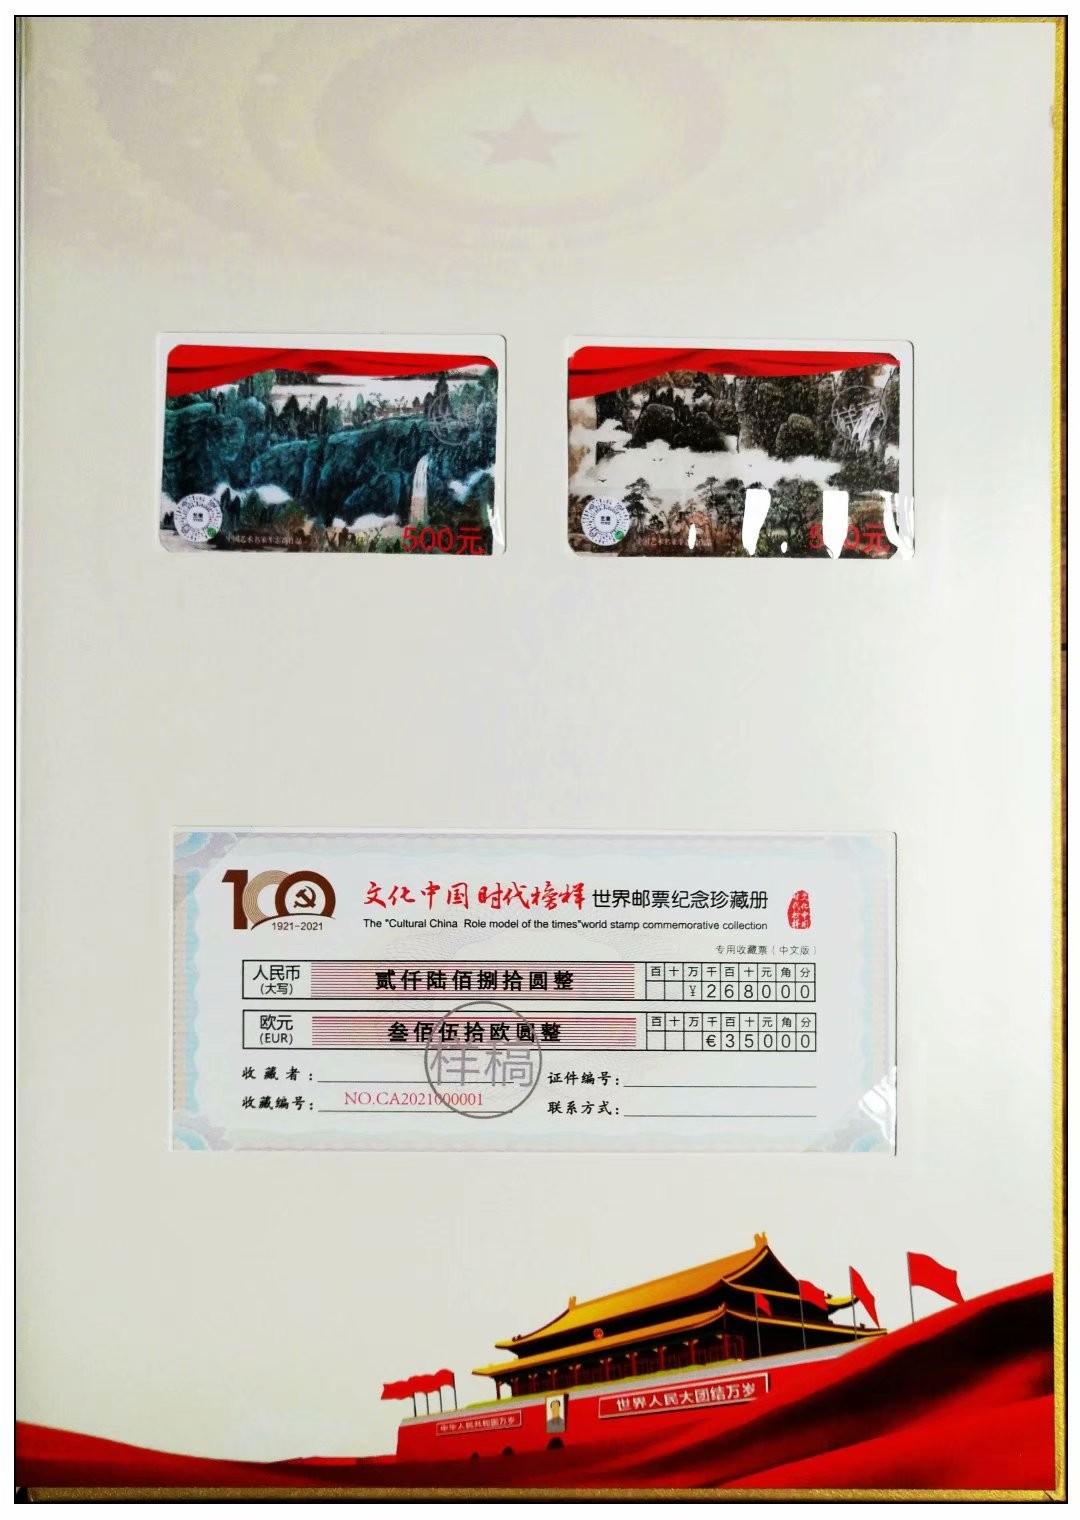 庆祝中国共产党成立100周年---牛志高书画集邮册面世2021.03.15_图1-14